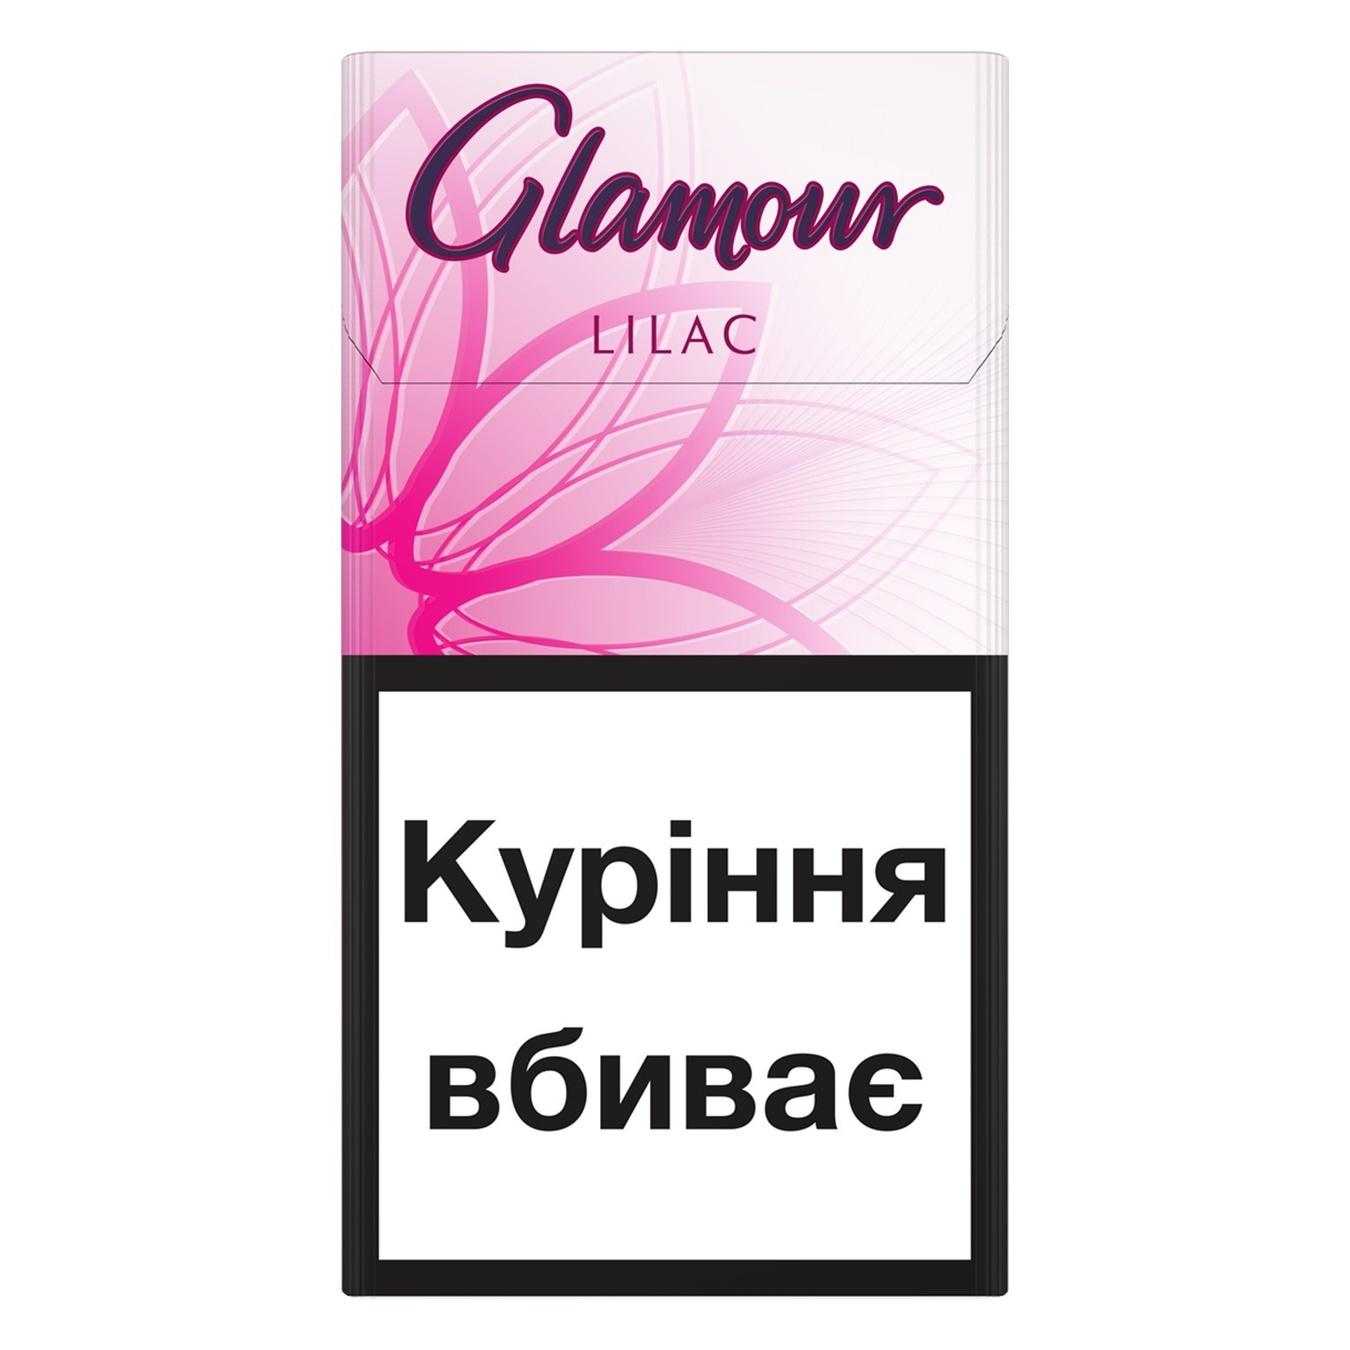 Сигареты glamour lilac купить табак для сигарет купить в новосибирске